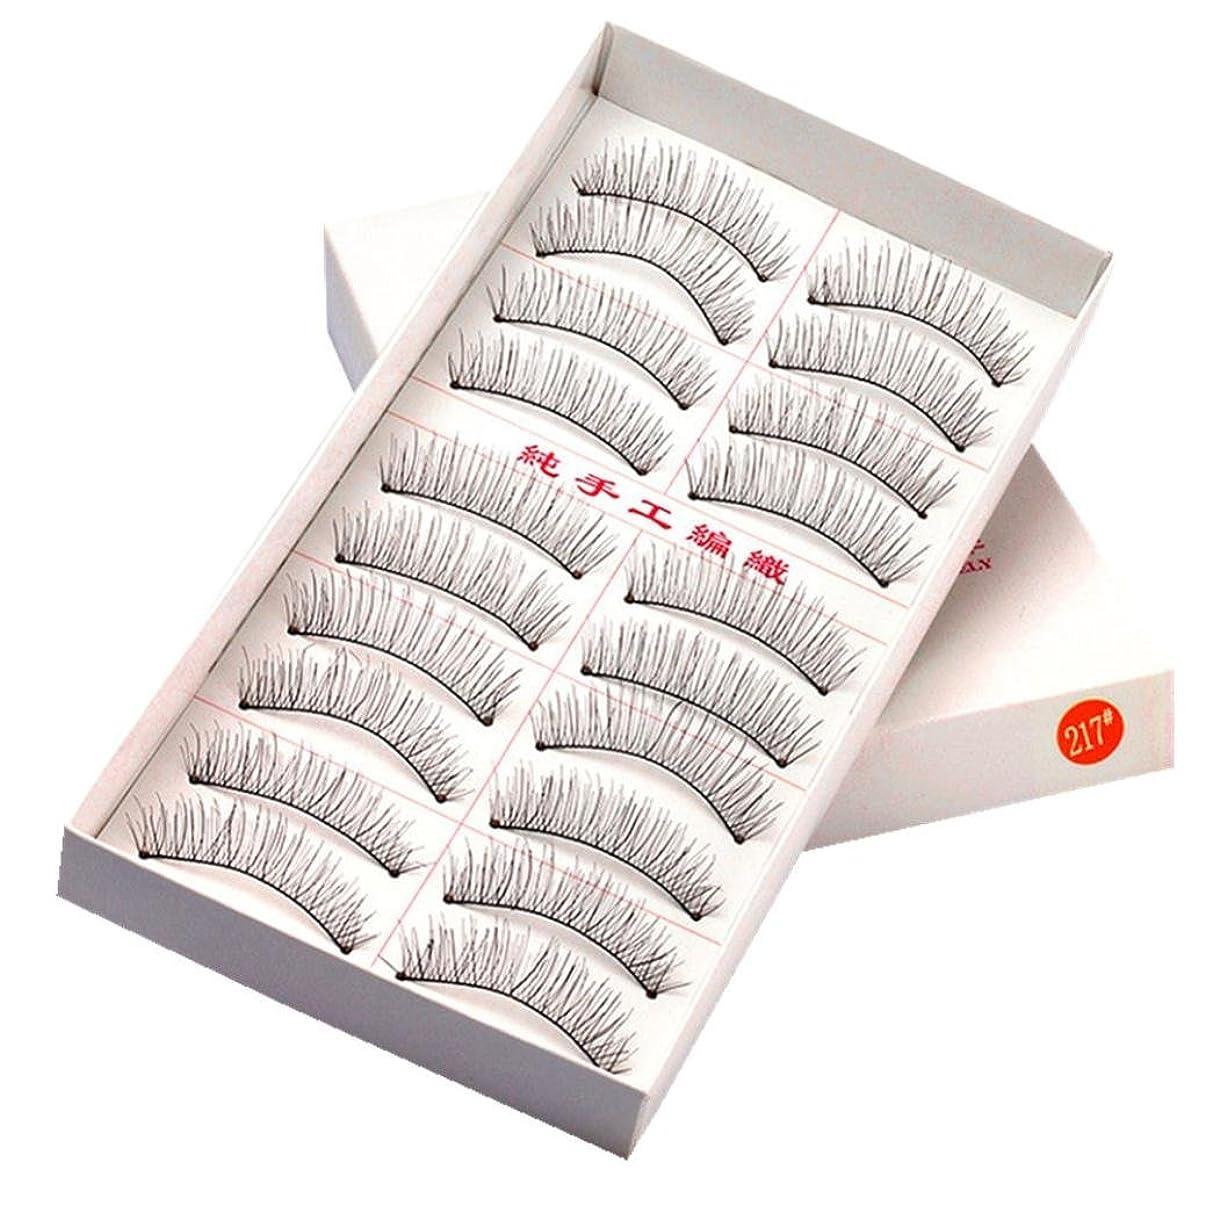 可動例示するシニスFeteso 10ペアセット つけまつげ 上まつげ Eyelashes アイラッシュ ビューティー まつげエクステ レディース 化粧ツール アイメイクアップ 人気 ナチュラル 飾り ふんわり 装着簡単 綺麗 変身